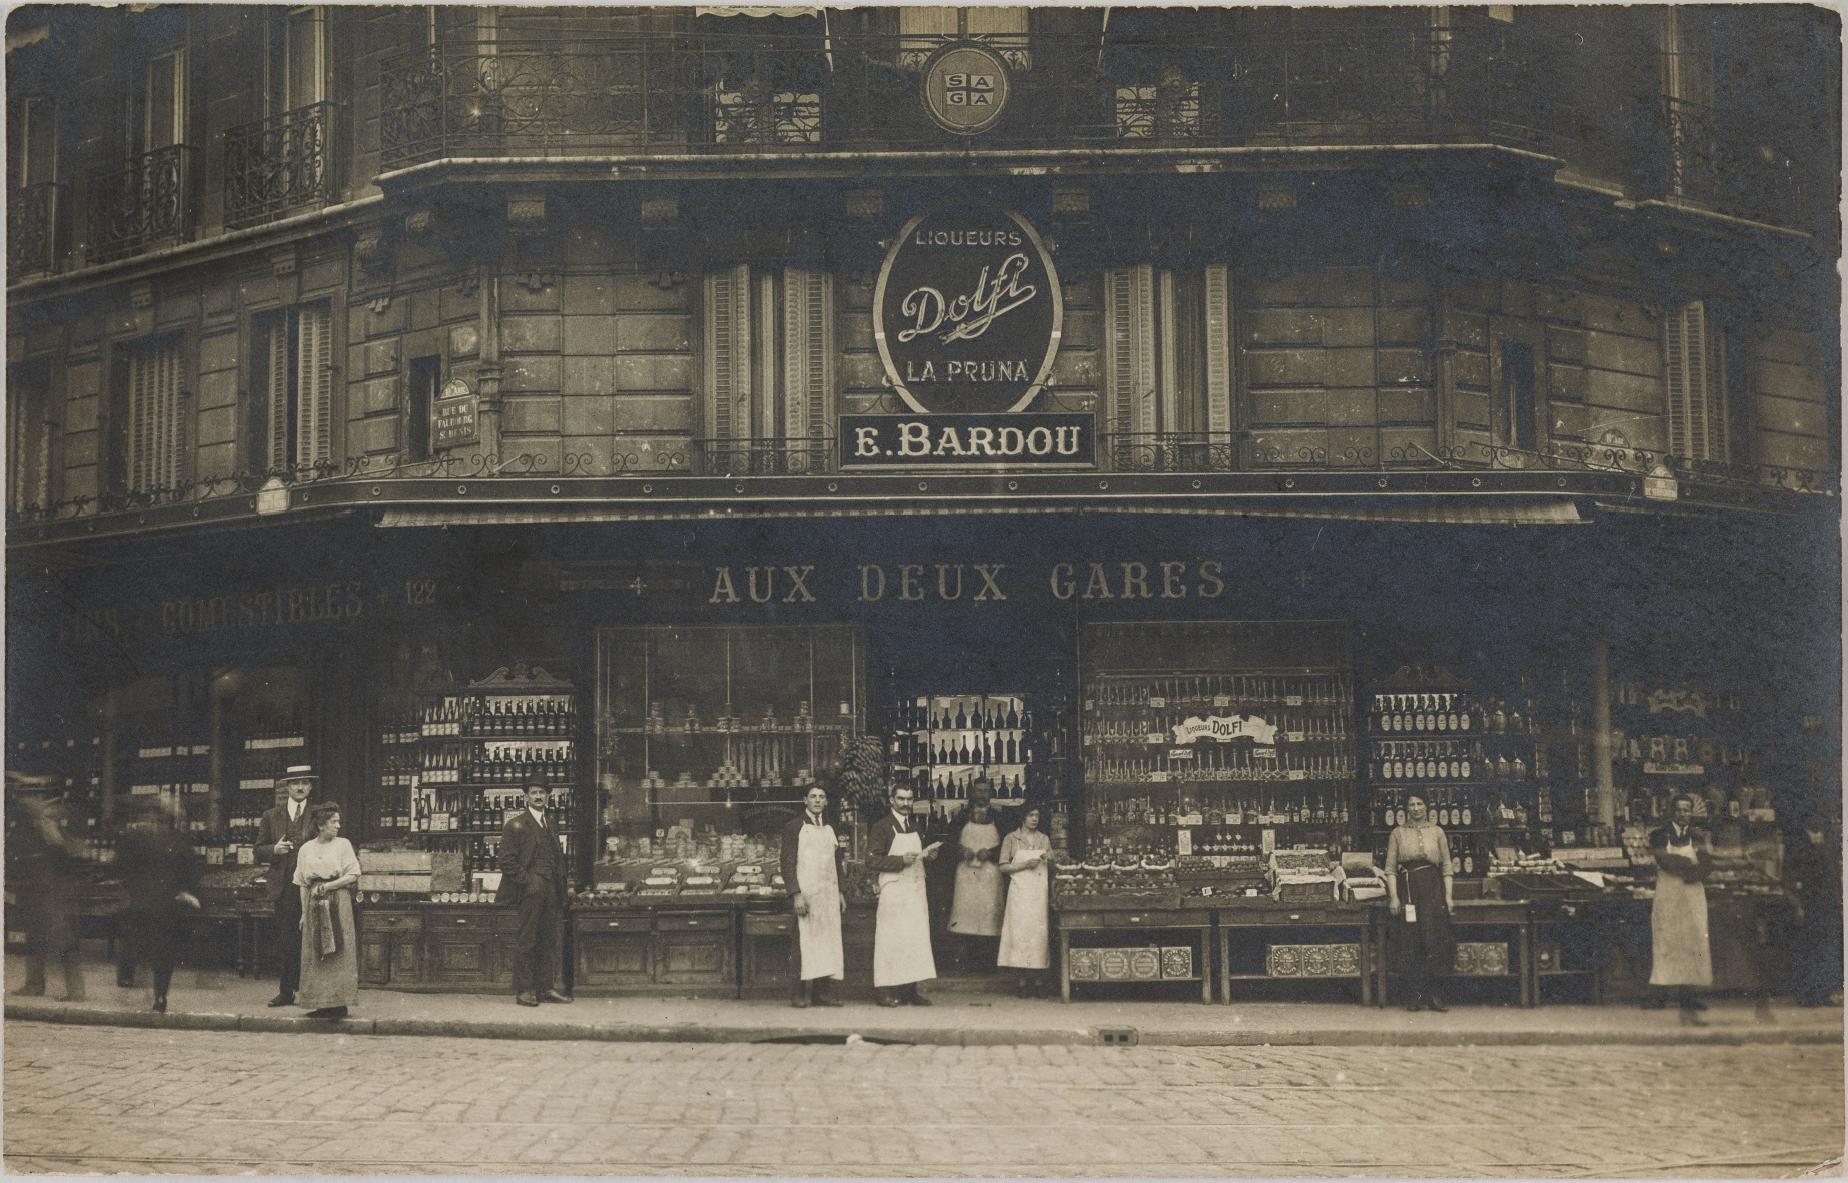 1909-1915. Продукты и алкоголь, 14, rue de Strasbourg и 122 rue du Faubourg Saint-Denis (10-й округ). Сейчас гриль-бар и магазин аксессуаров